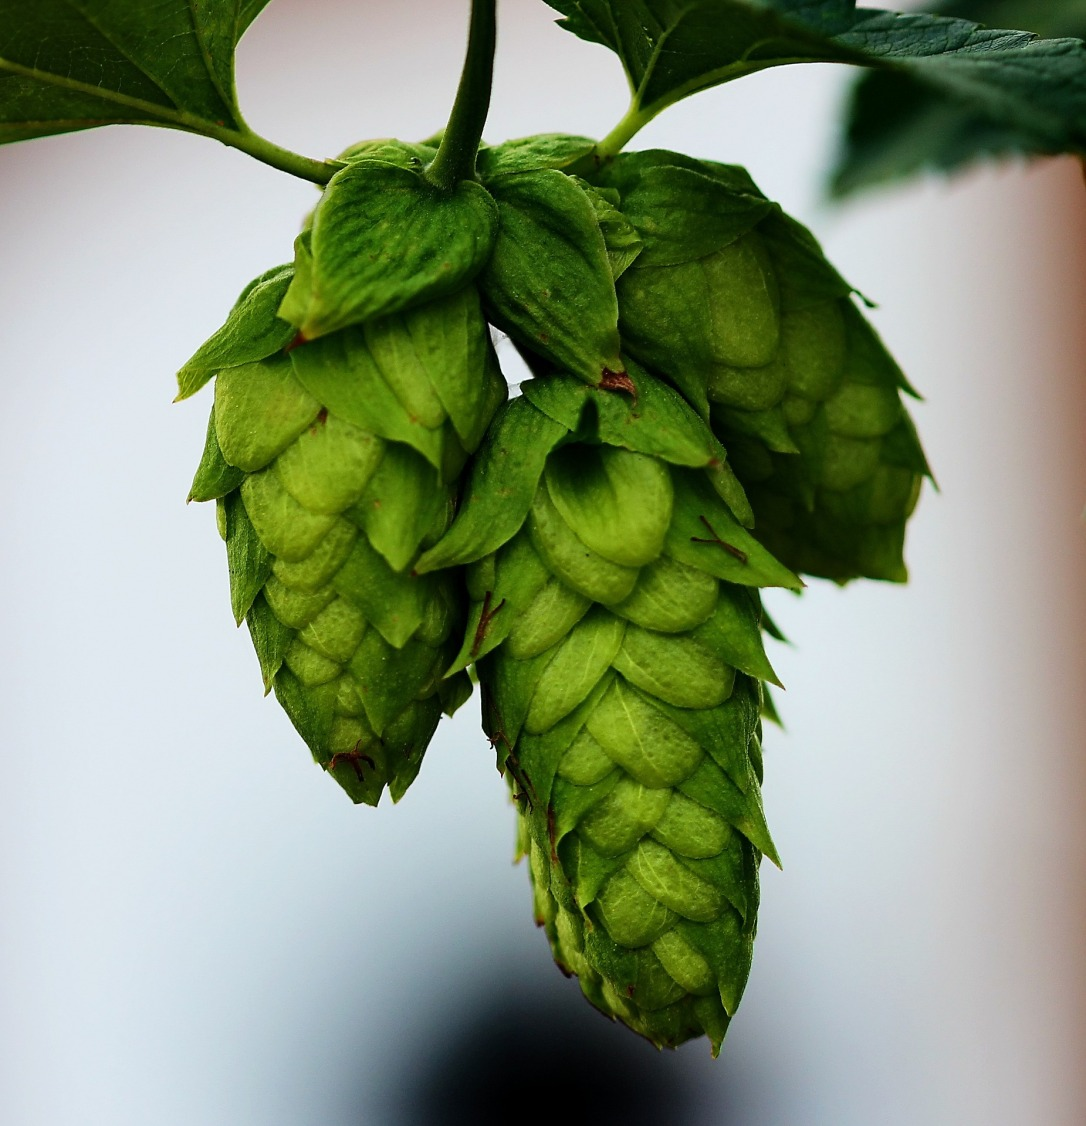 hops-776382_1920